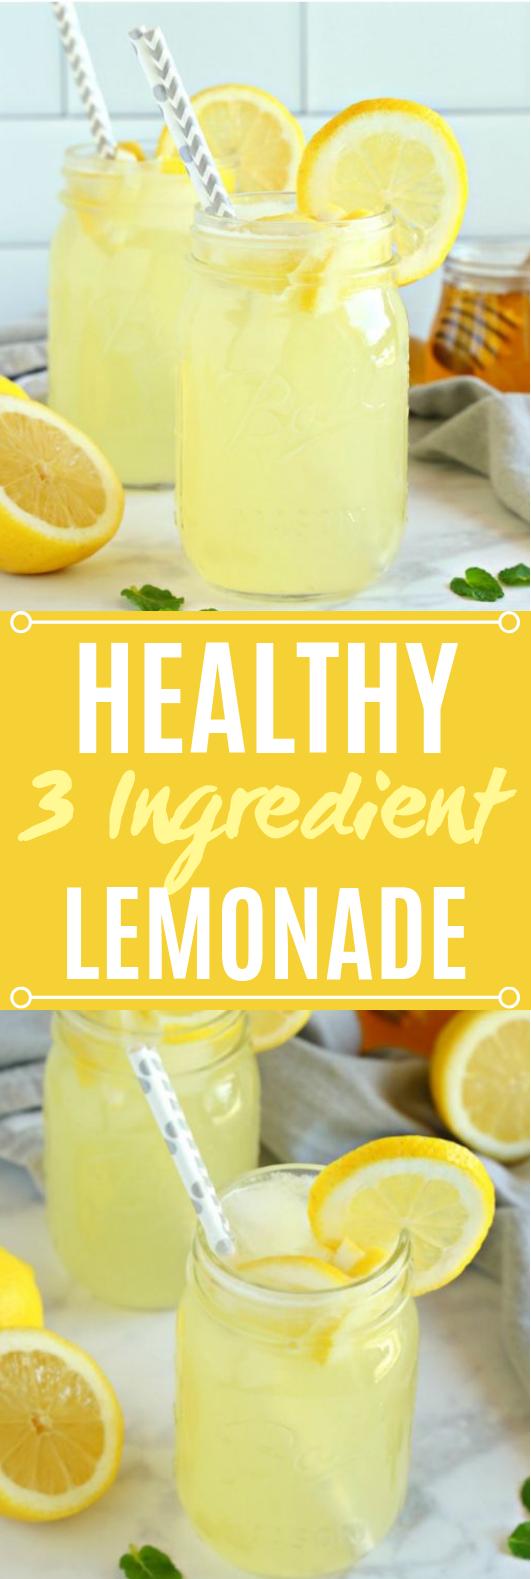 Healthy 3-Ingredient Lemonade #summer #drinks